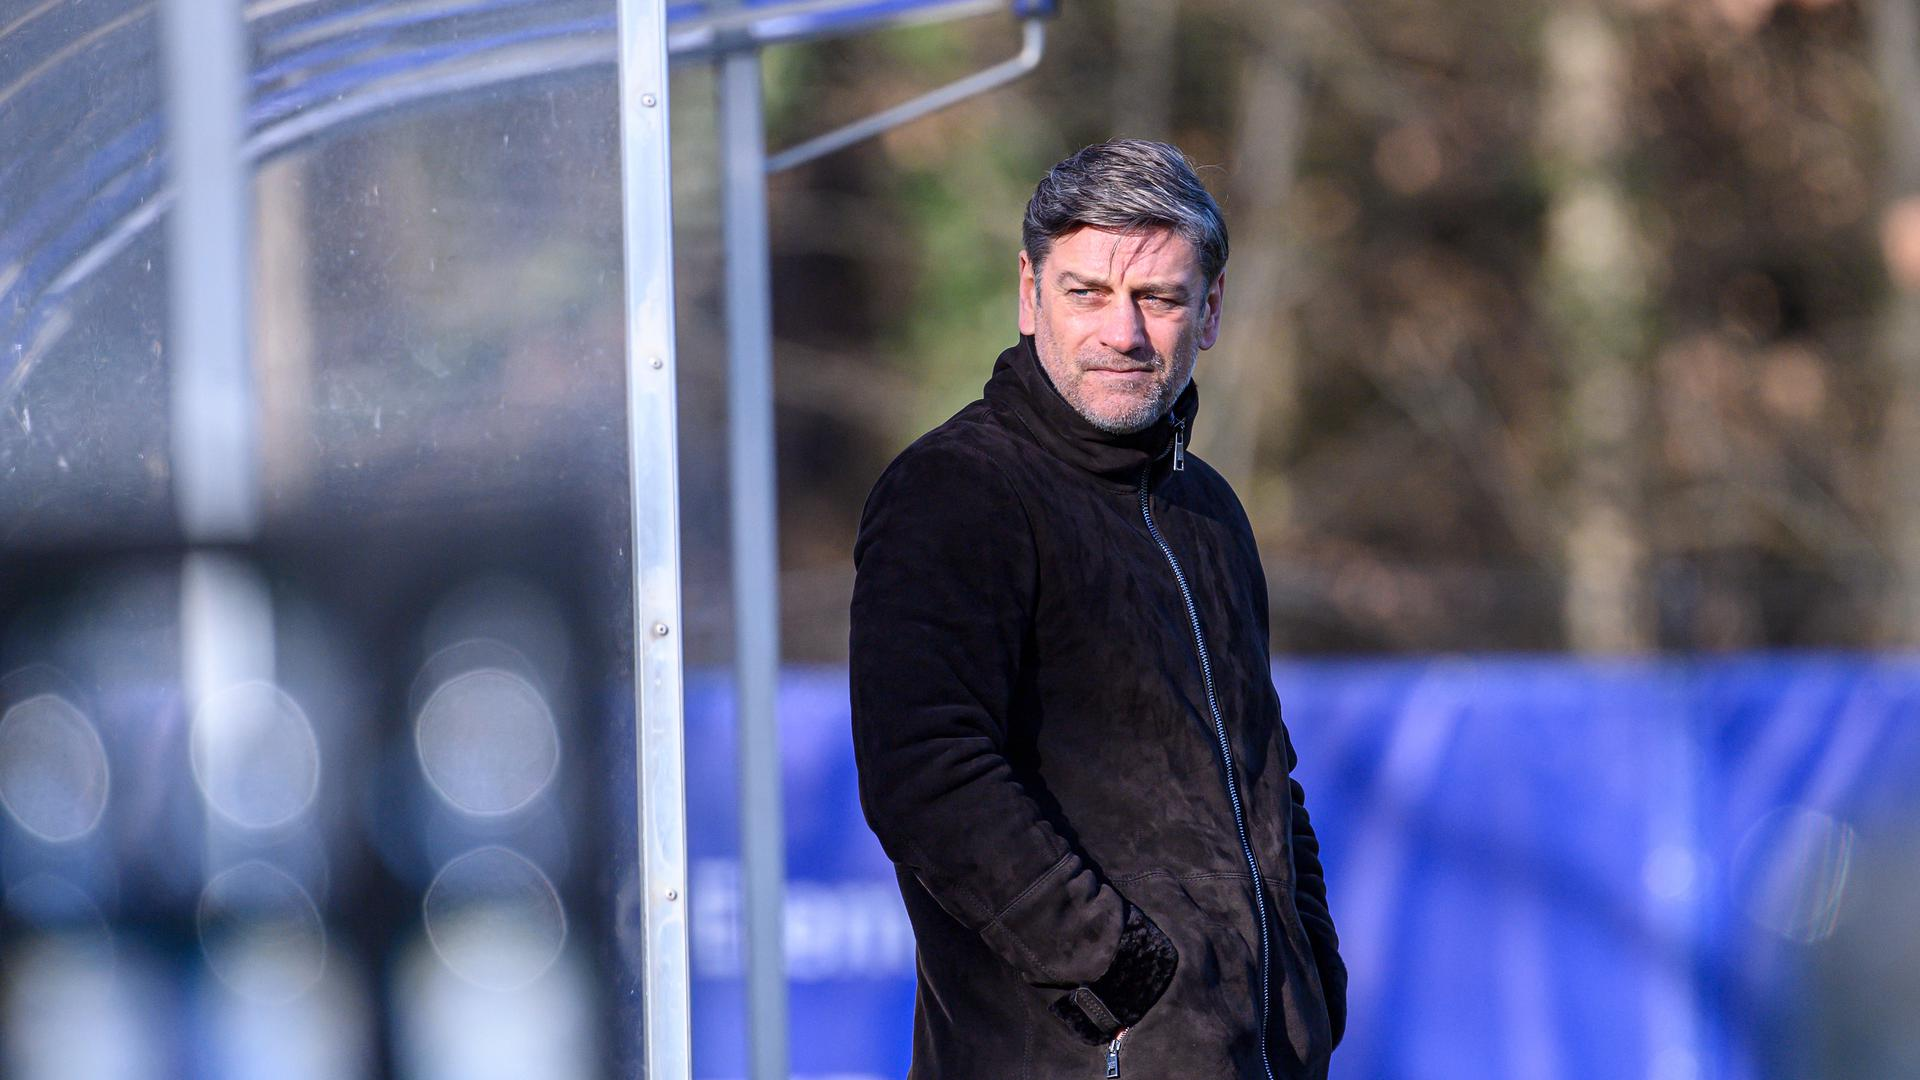 Noch nichts fix: Das sagt KSC-Sportchef Oliver Kreuzer zu Meldungen, wonach der Mittelfeldspieler Leon Jensen bereits für die kommende Saison von ihm verpflichtet worden sei.